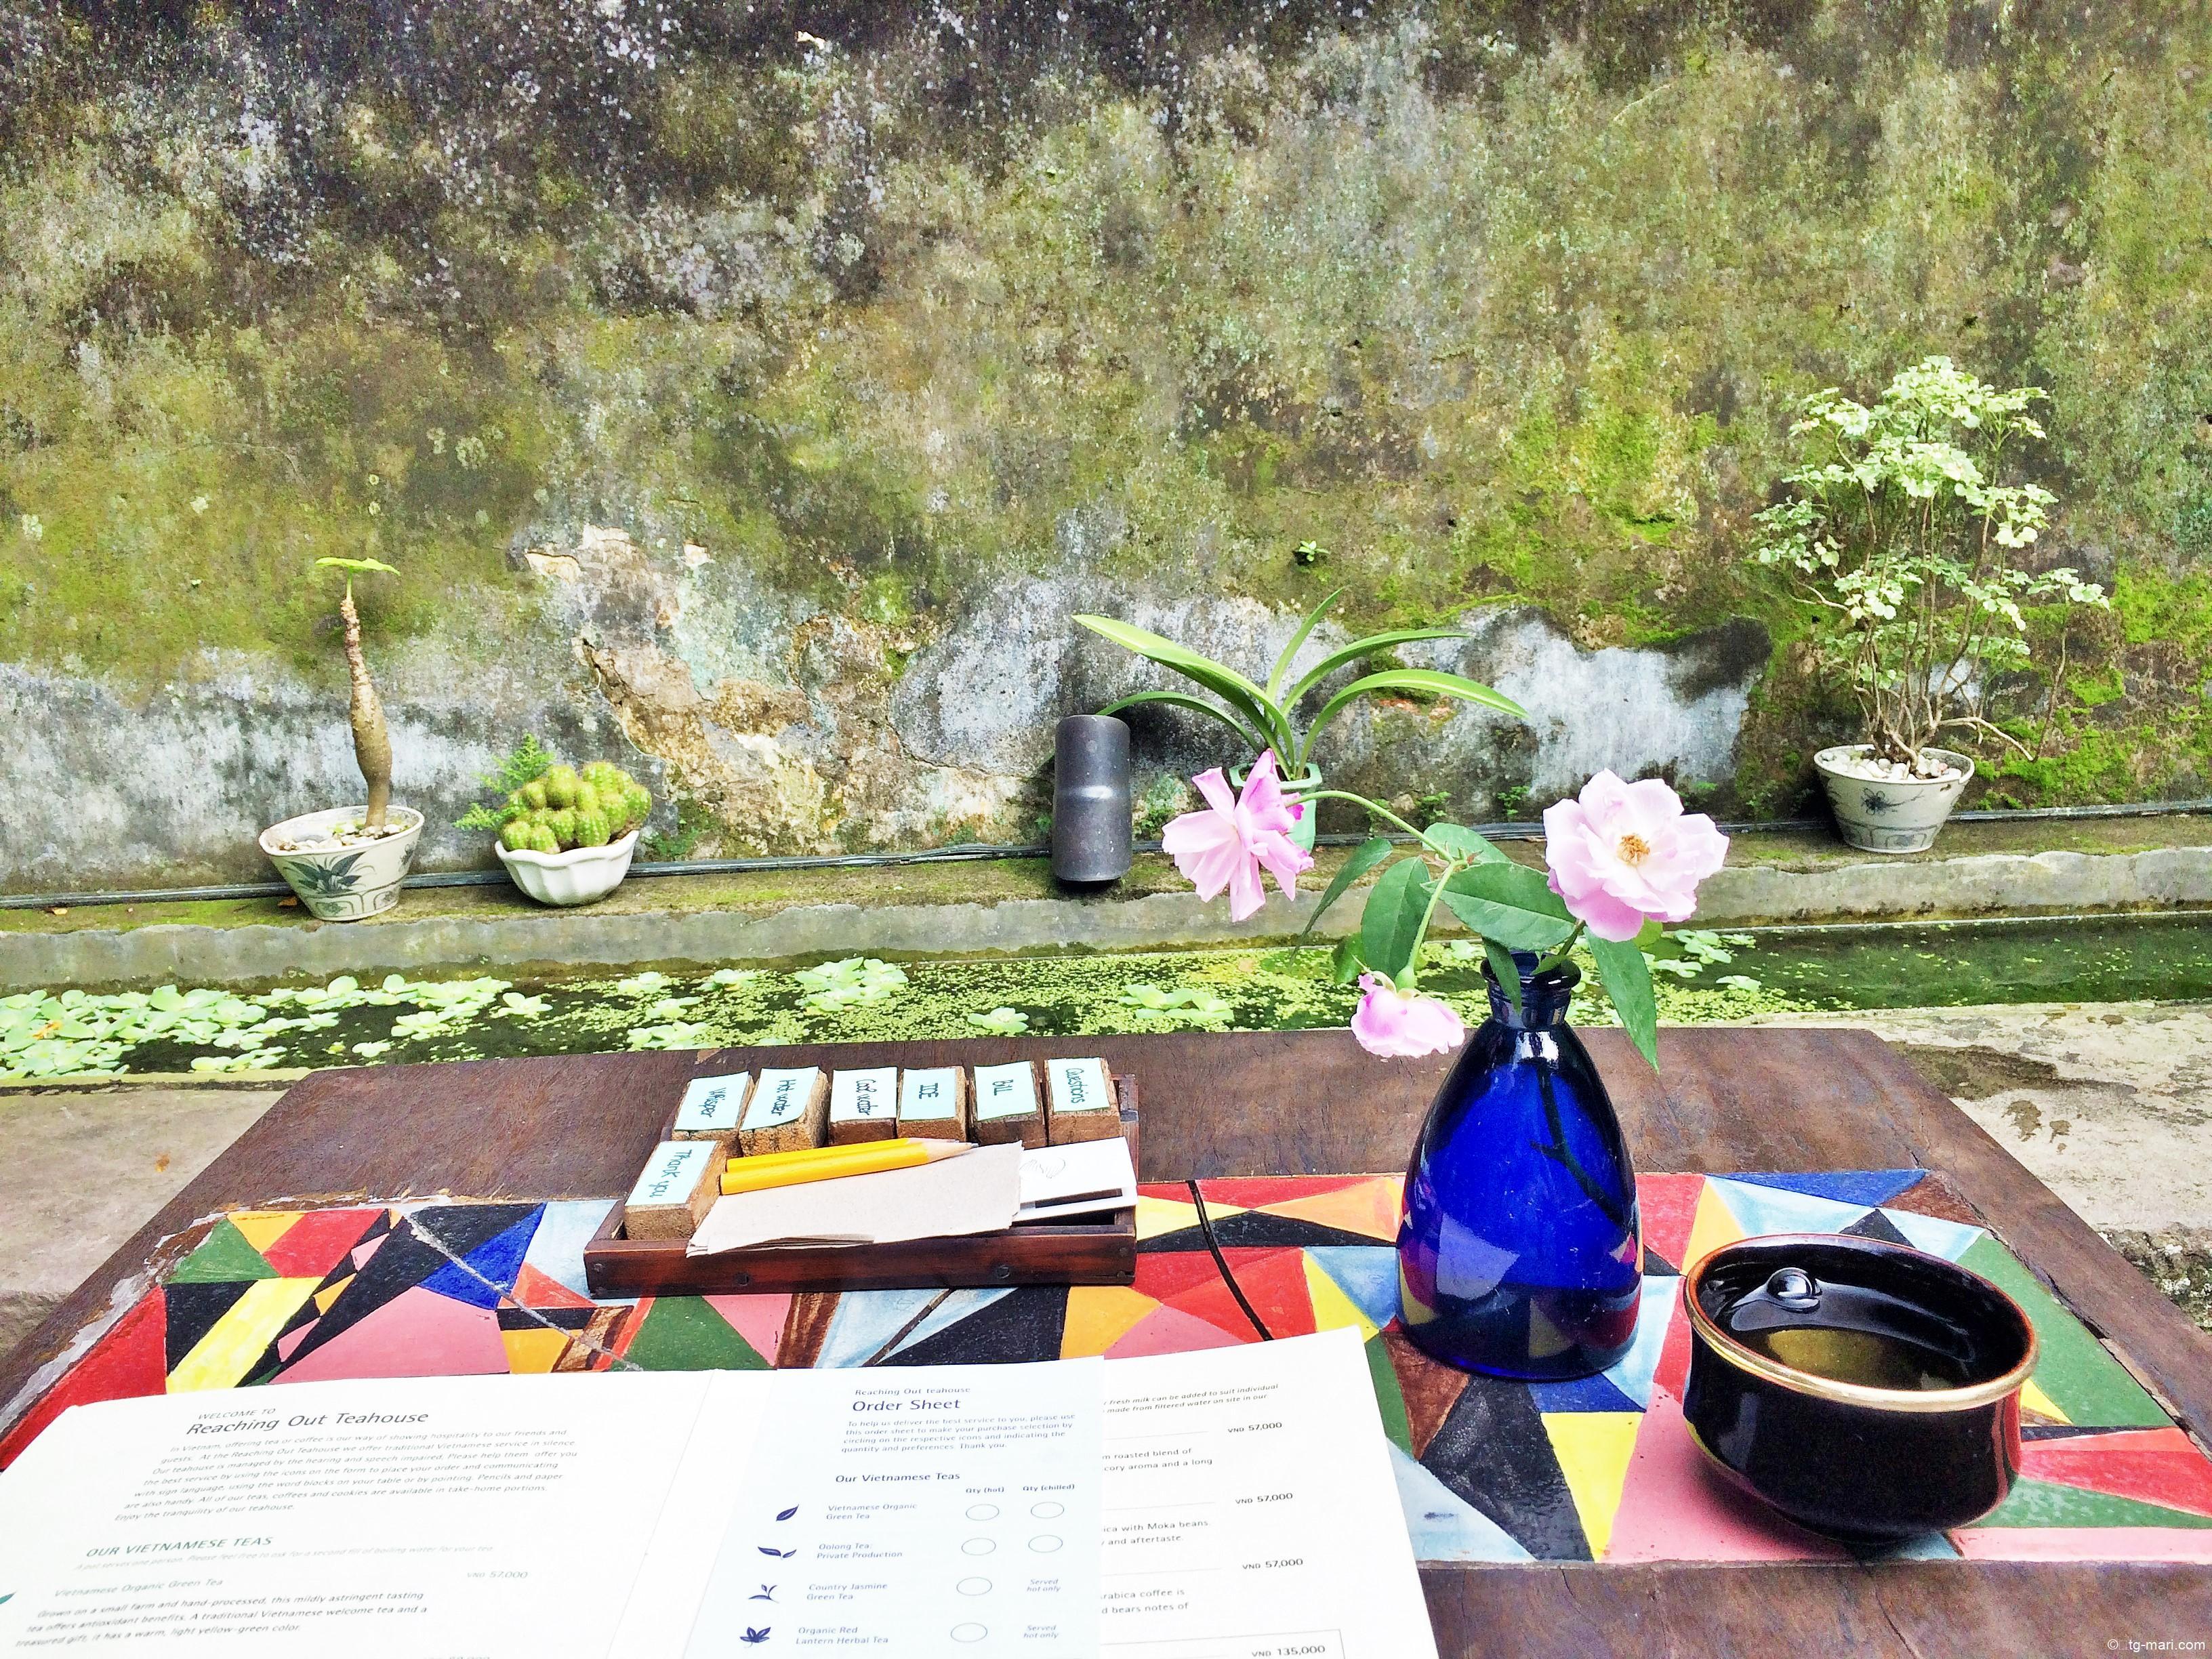 ホイアンの隠れ家カフェ「Reaching Out Tea house」